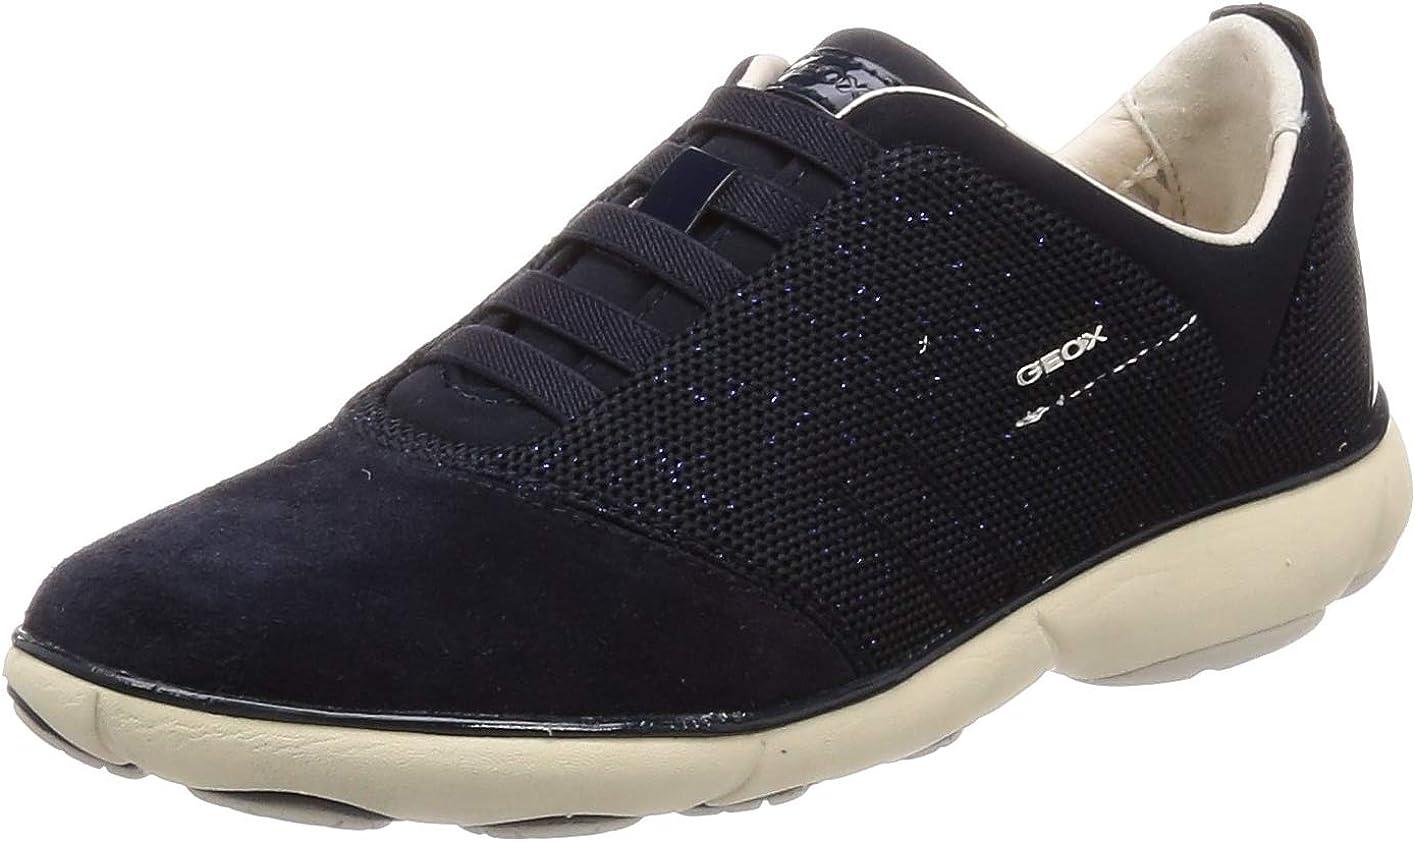 卓越 Geox 別倉庫からの配送 Women's Low-Top us 6 Sneakers